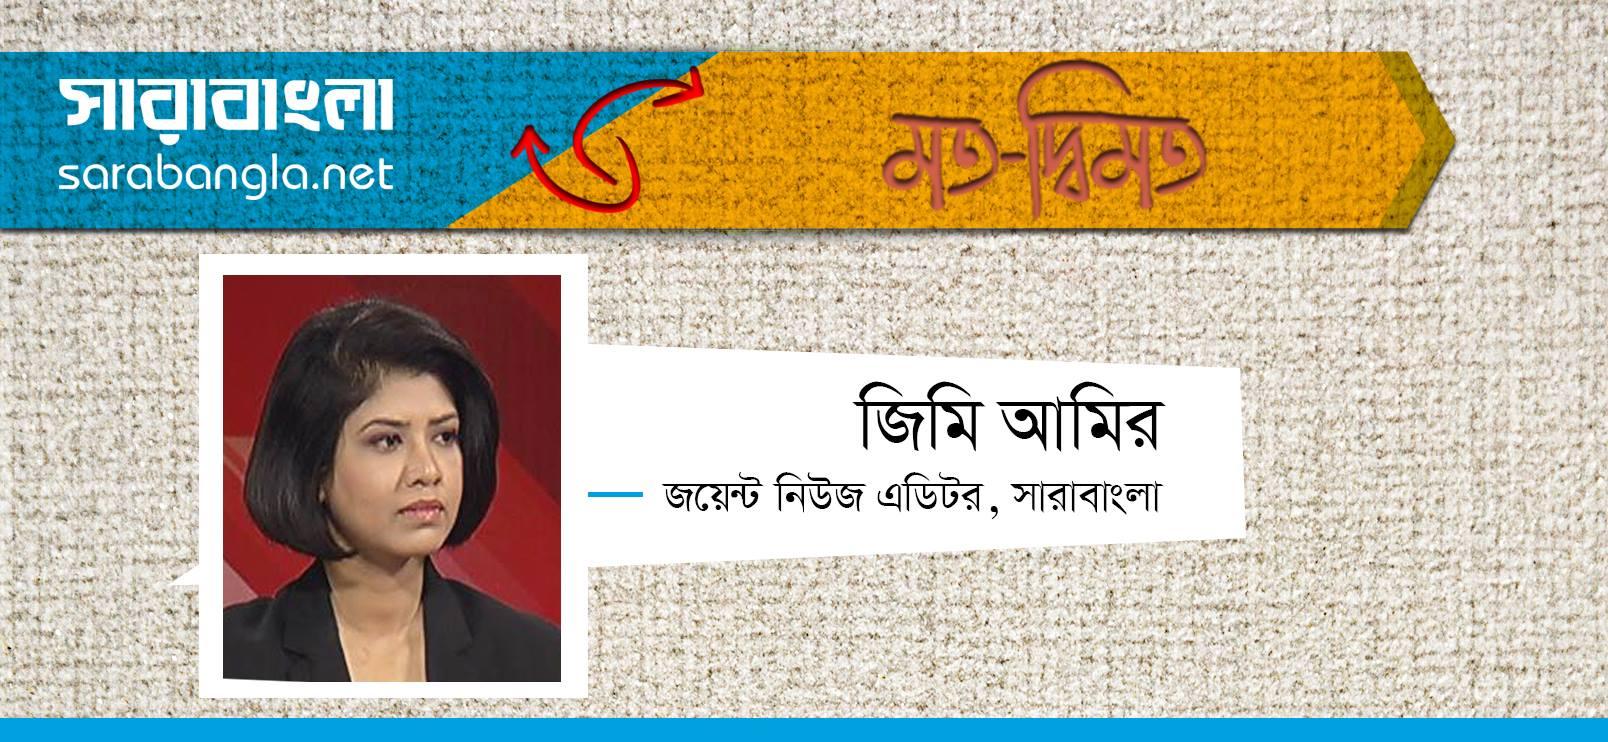 রানা প্লাজা, বাংলাদেশের আজীবনের ক্ষত